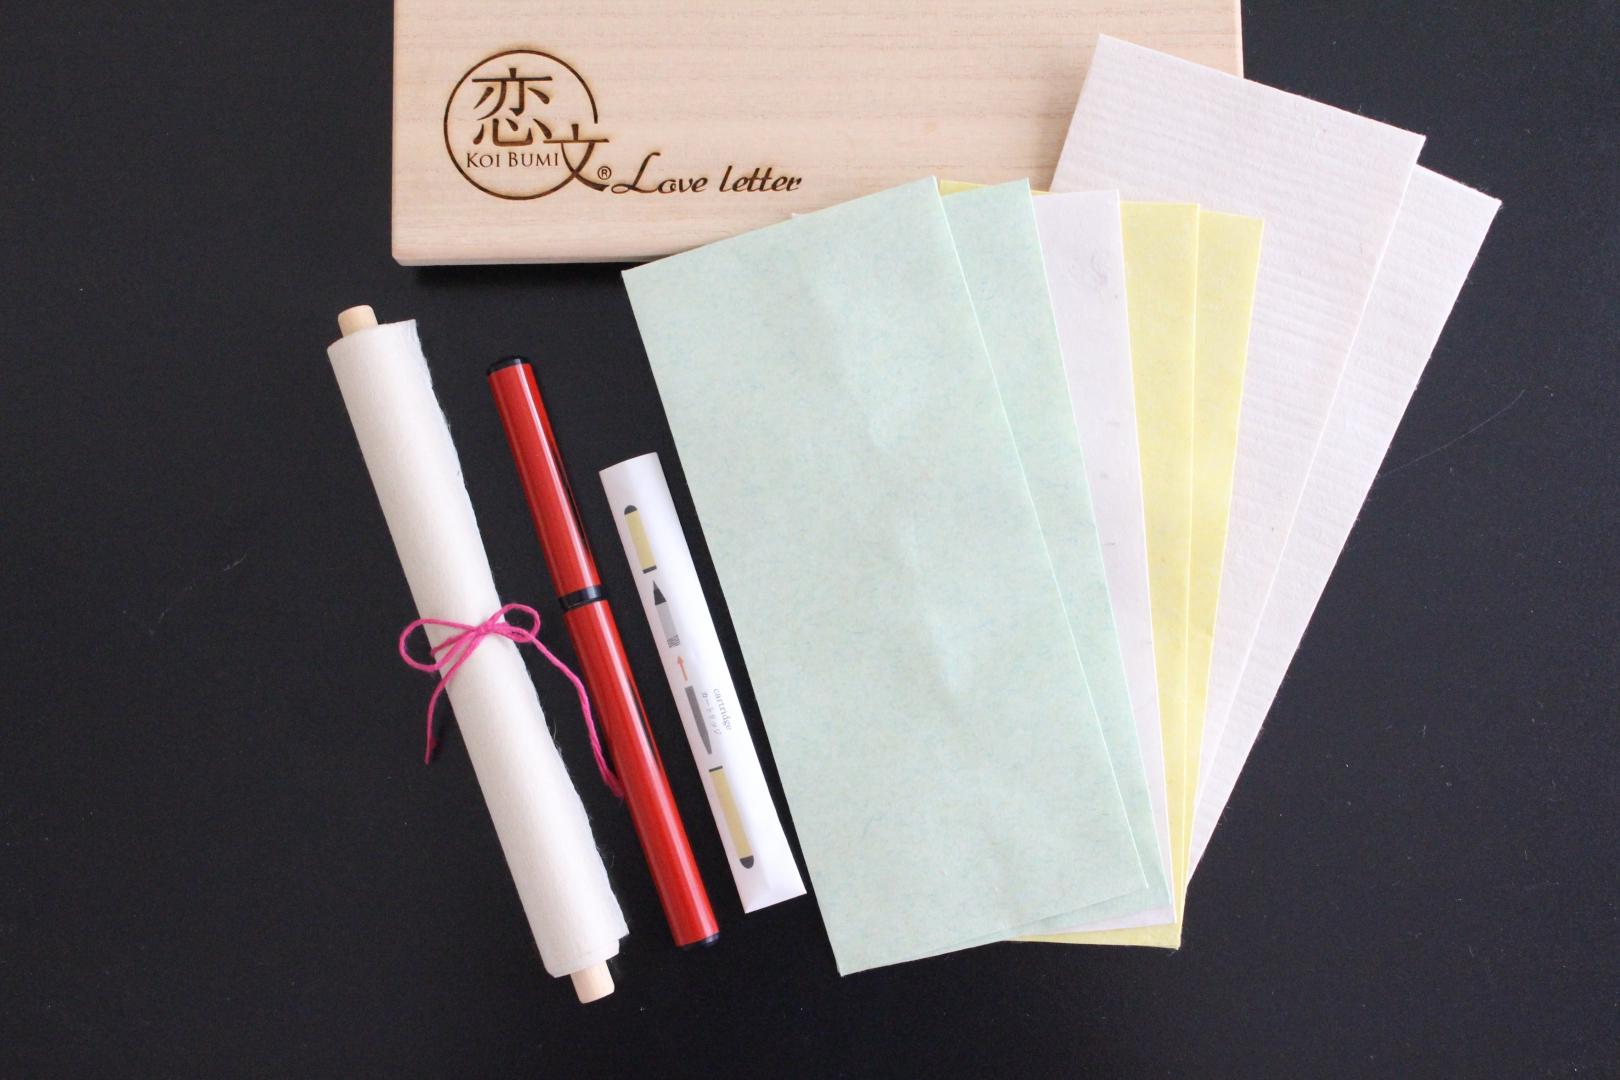 日本の伝統工芸のお手紙セット 恋文 -千年の想い-プレミアム